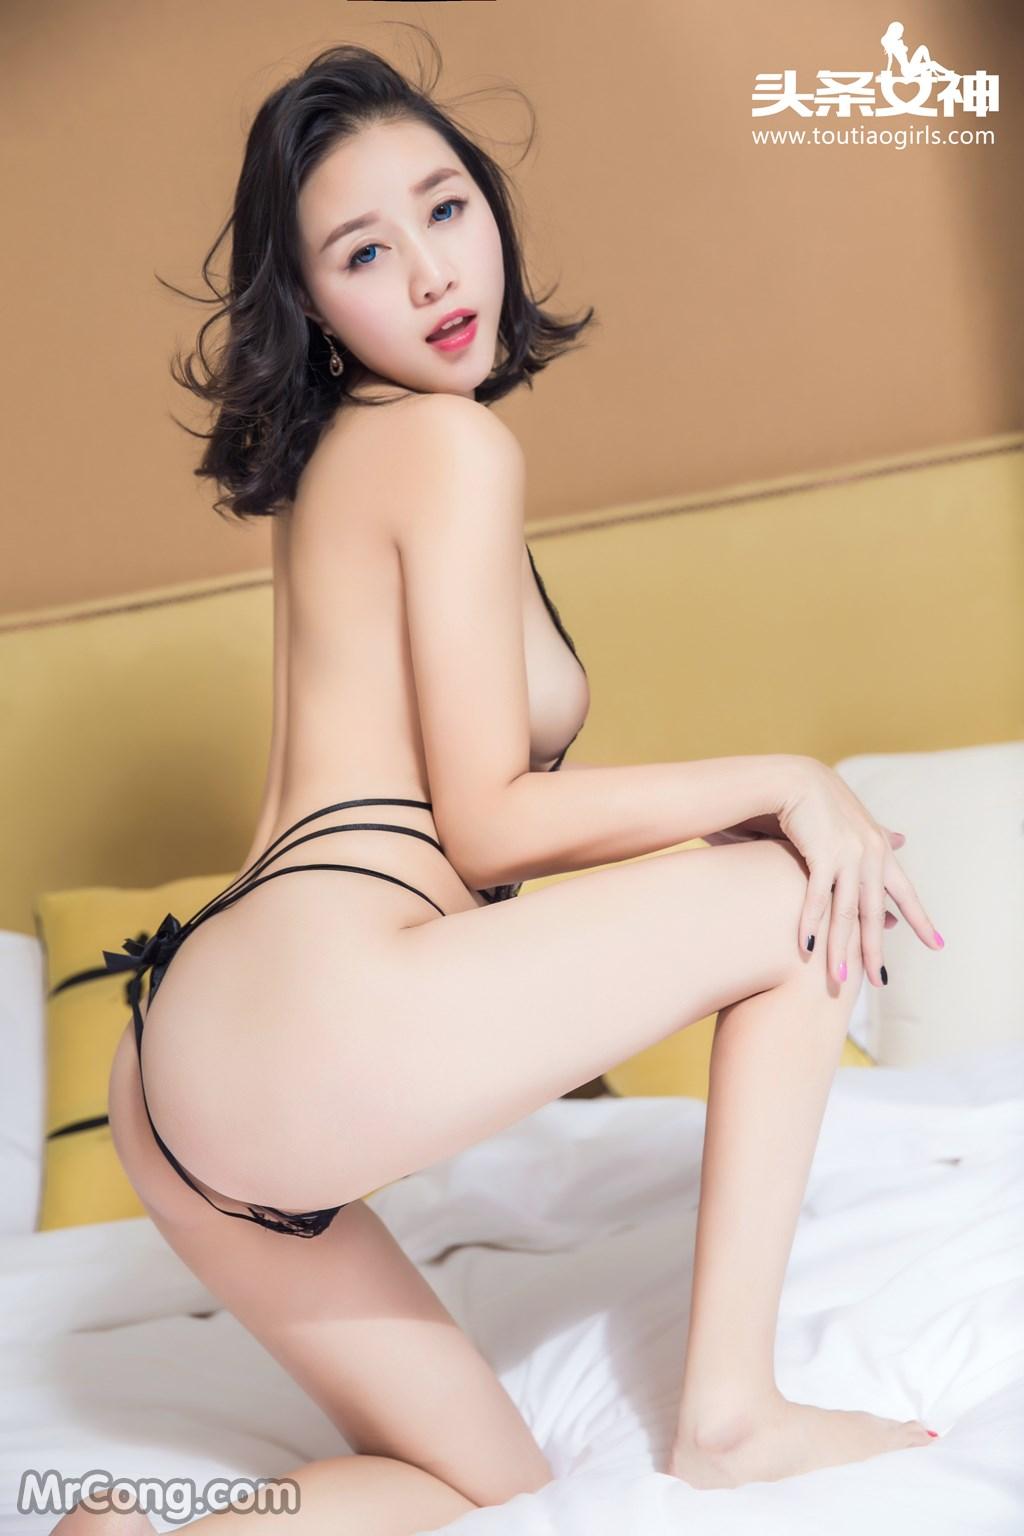 Image MrCong.com-TouTiao-2016-12-14-Zhang-Zi-Ran-007 in post TouTiao 2016-12-14: Người mẫu Zhang Zi Ran (张梓然) (24 ảnh)